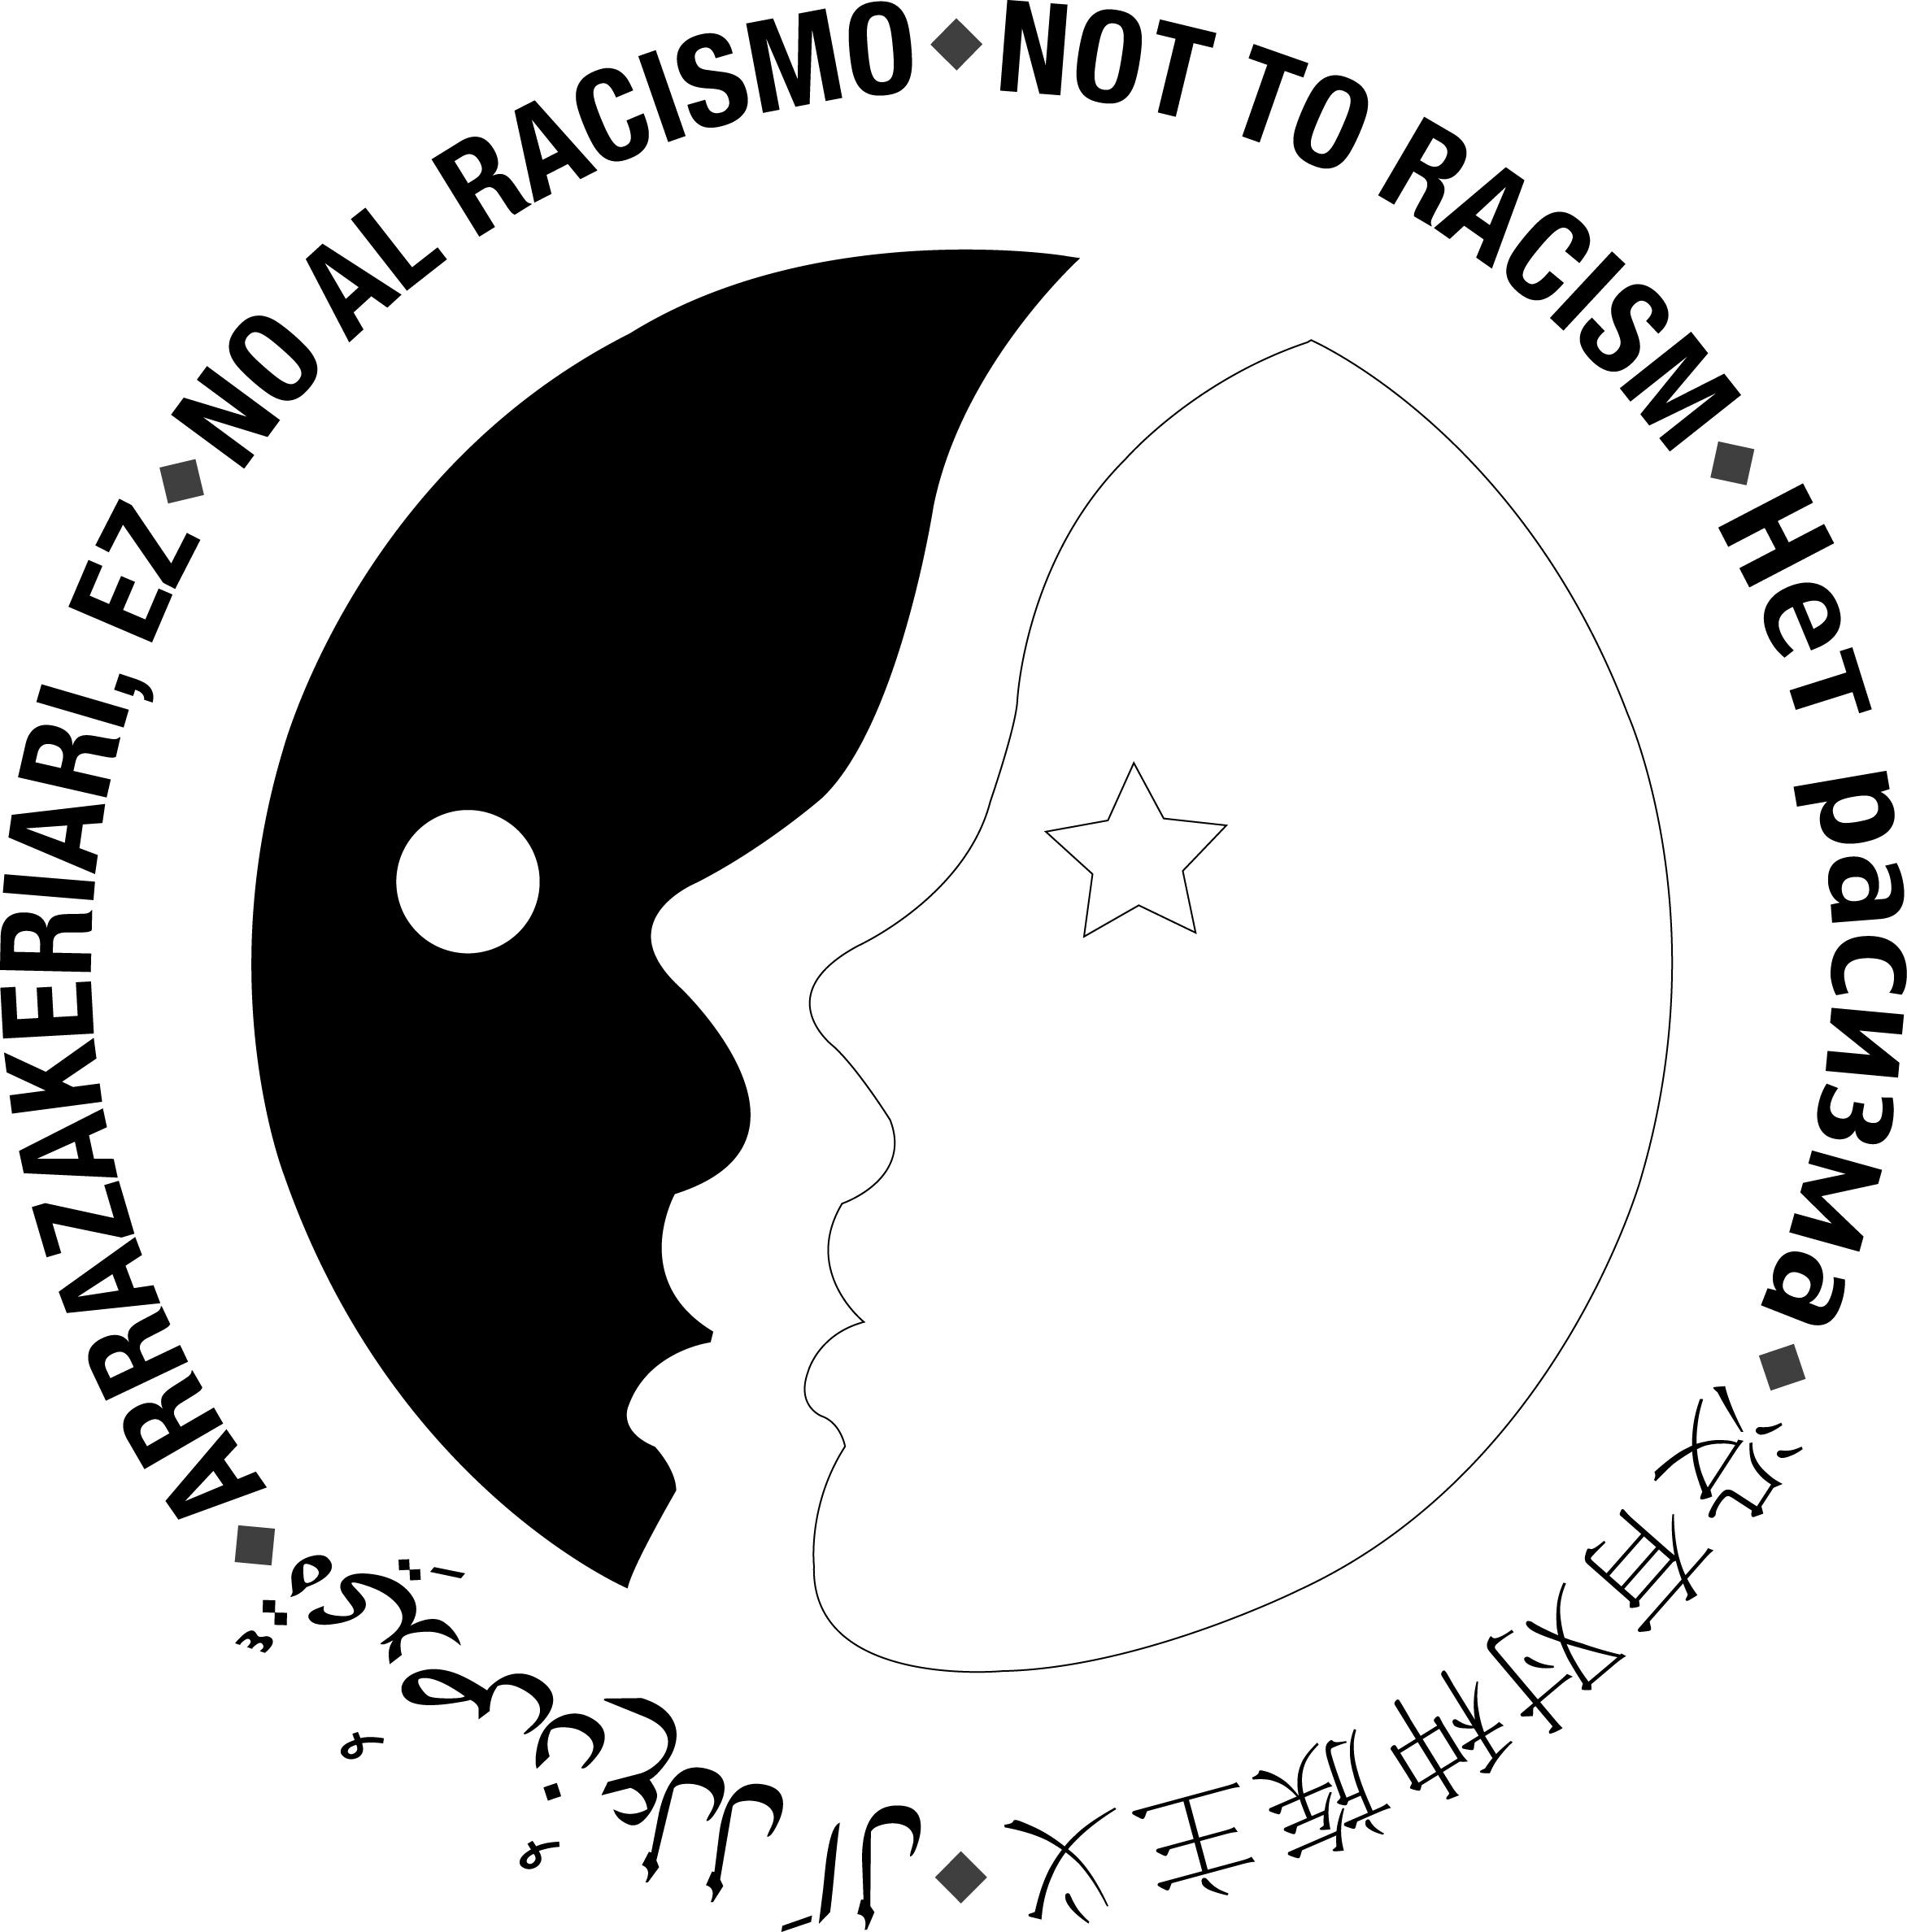 No al racismo, Barañáin